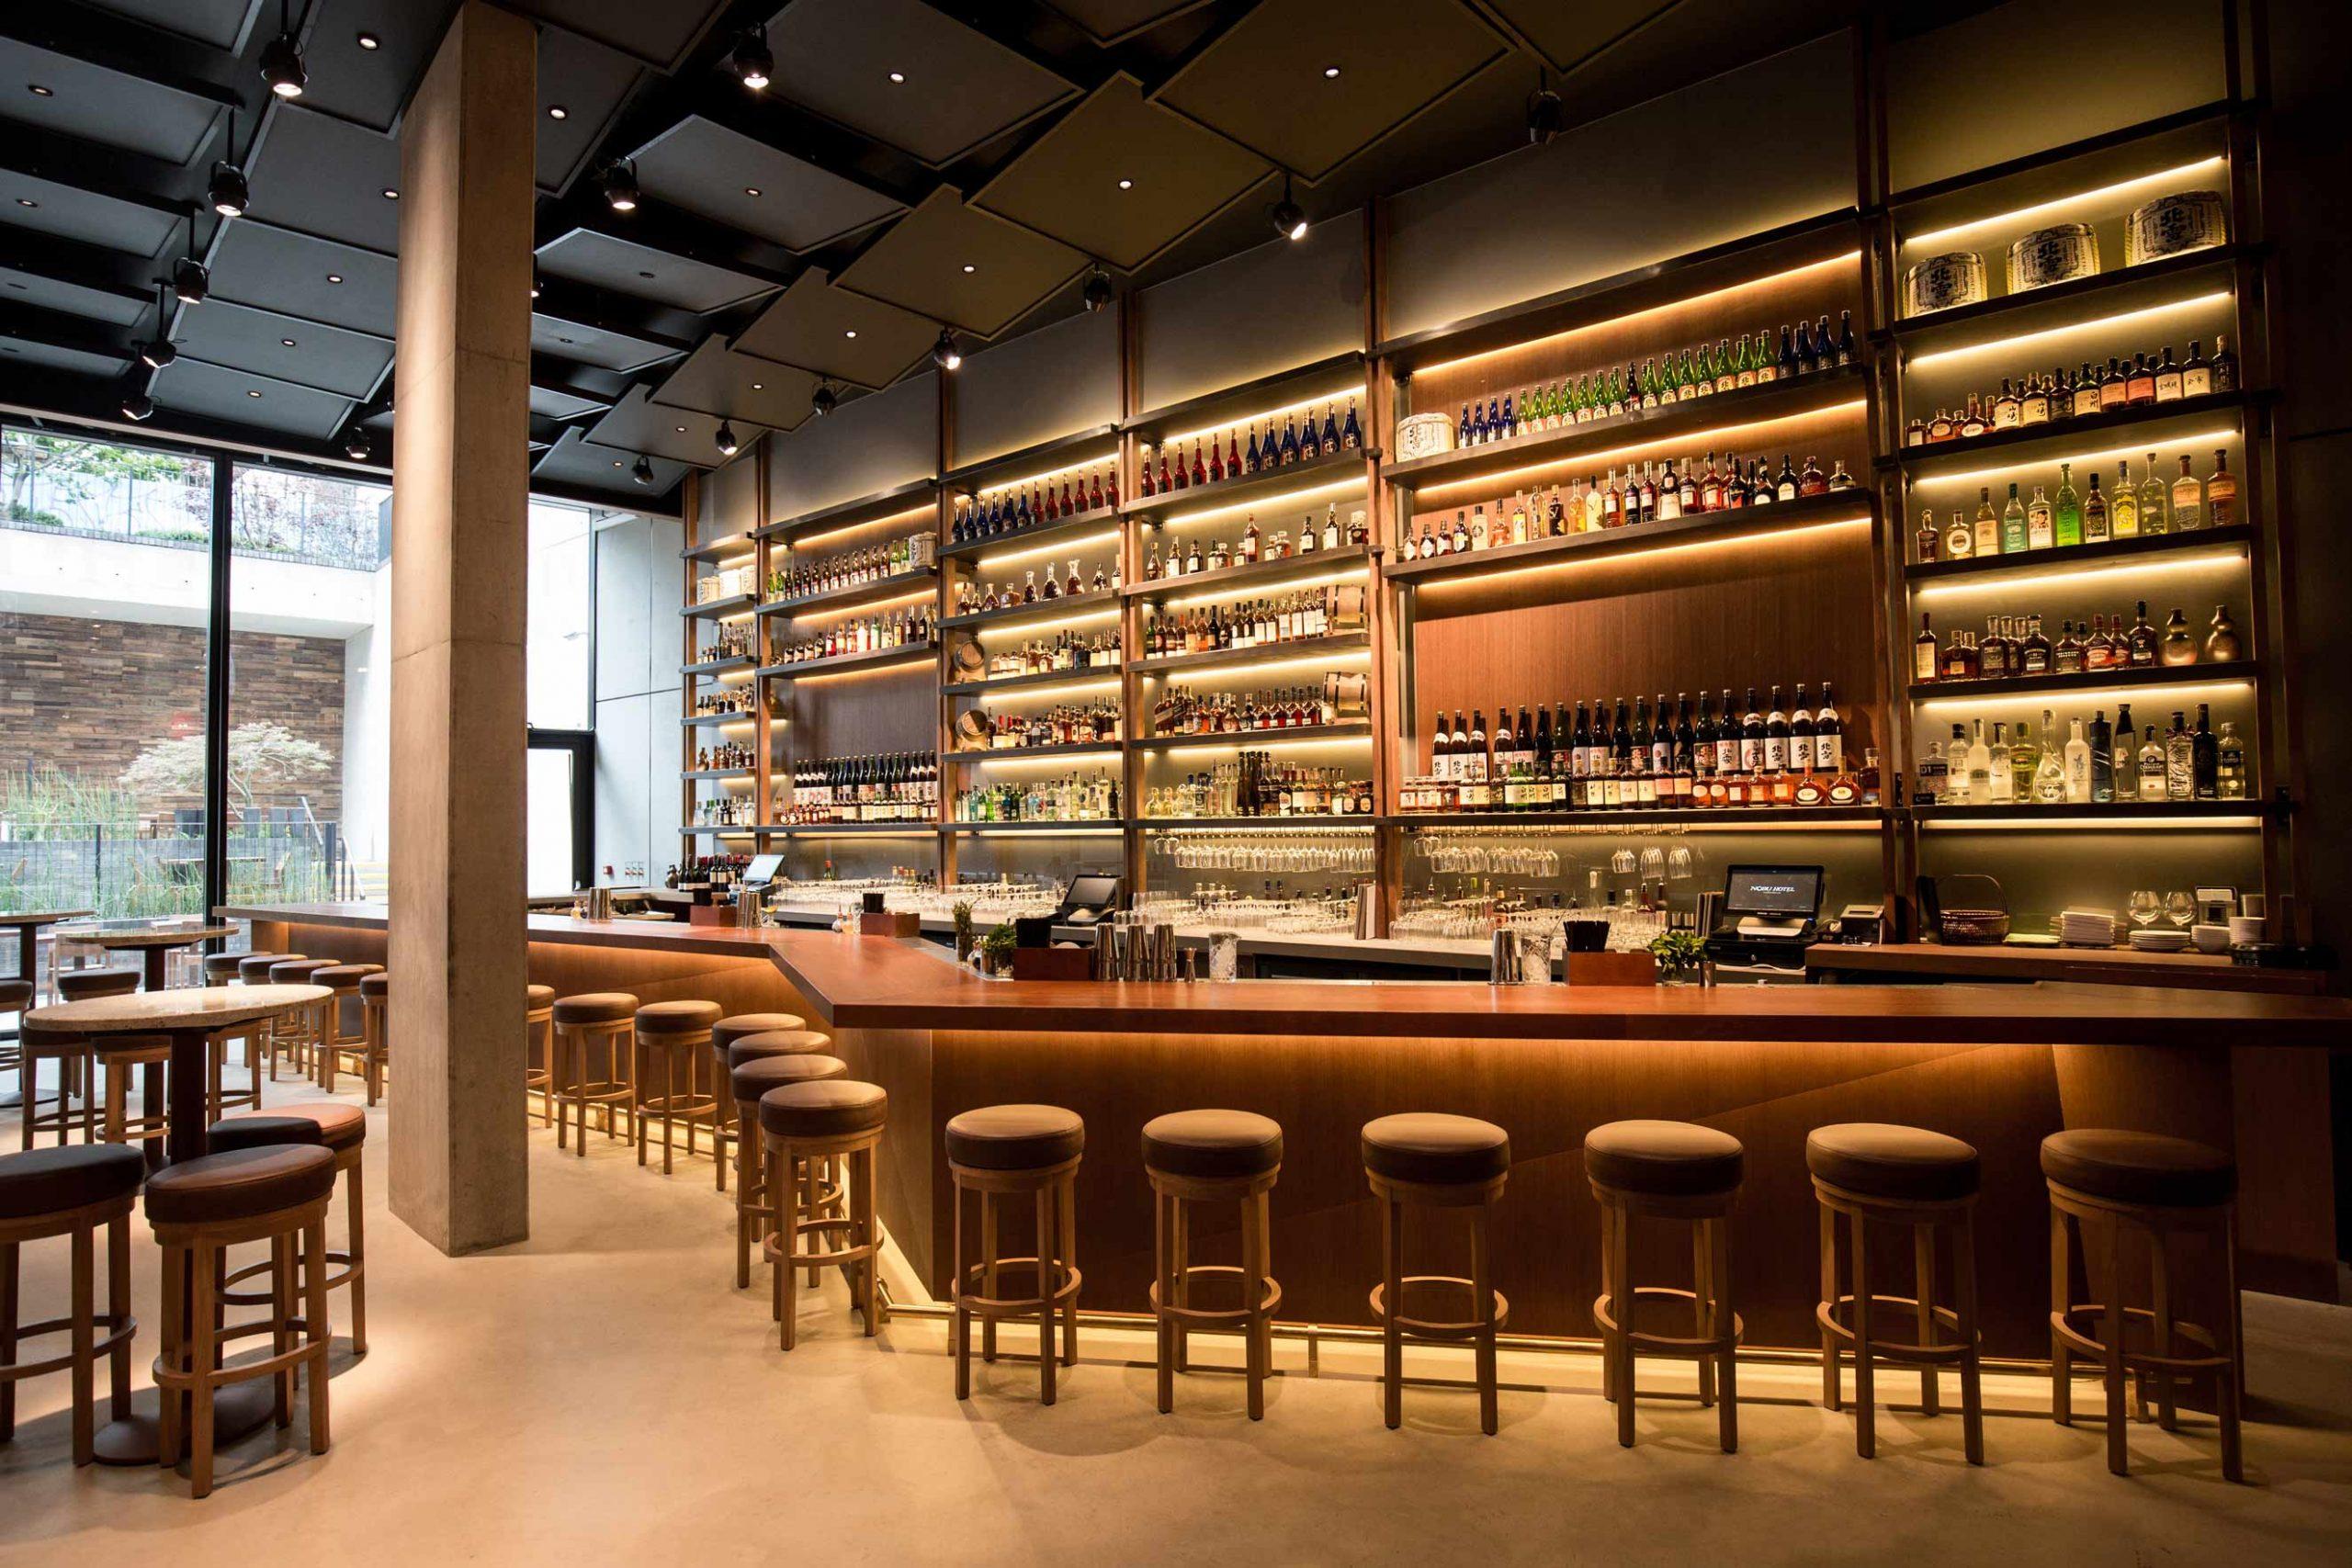 nobu-hotel-london-restaurant